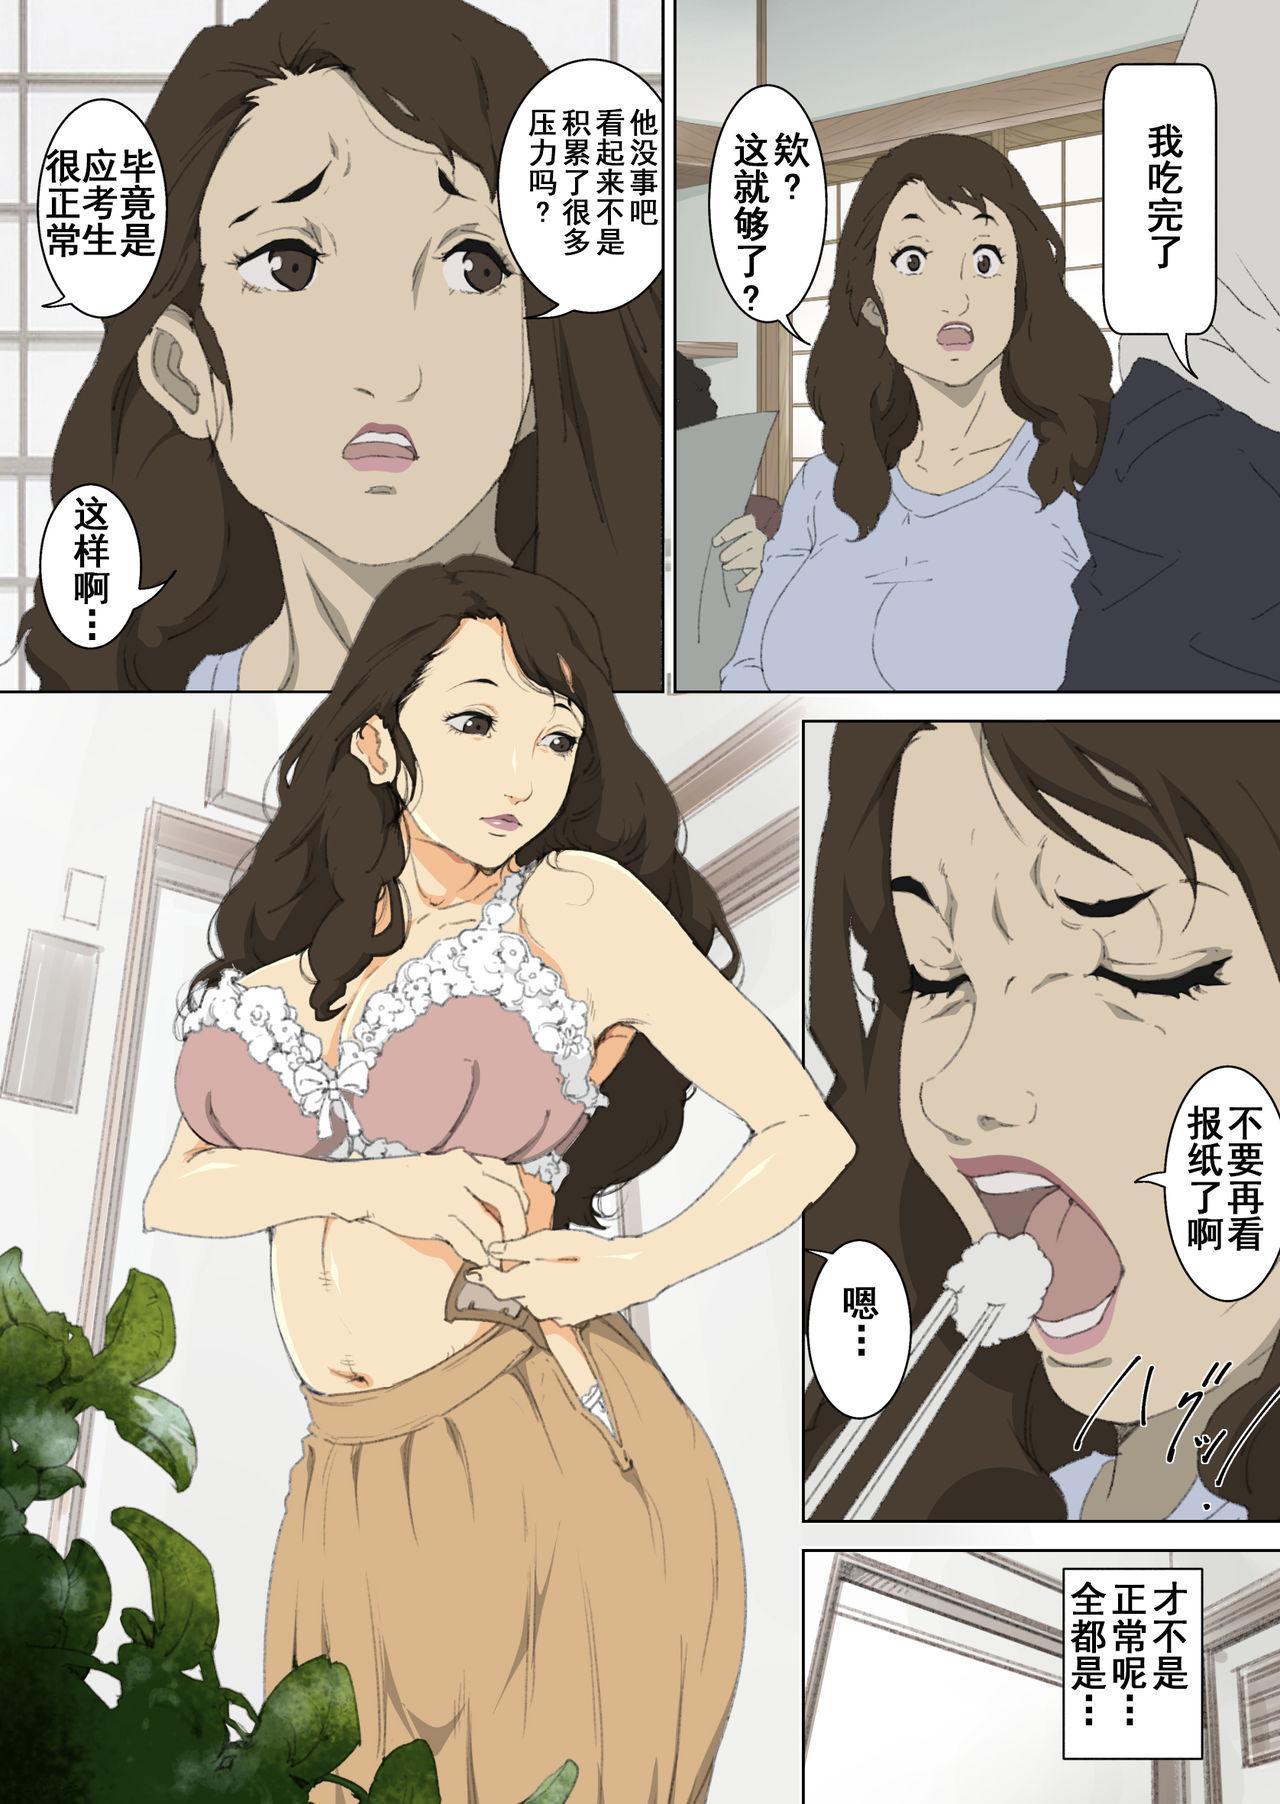 Ryoushin ga Neteiru Shinshitsu ni Shinobikomi, Hahaoya ni Yobai o Kakeru Musuko no Hanashi. 3